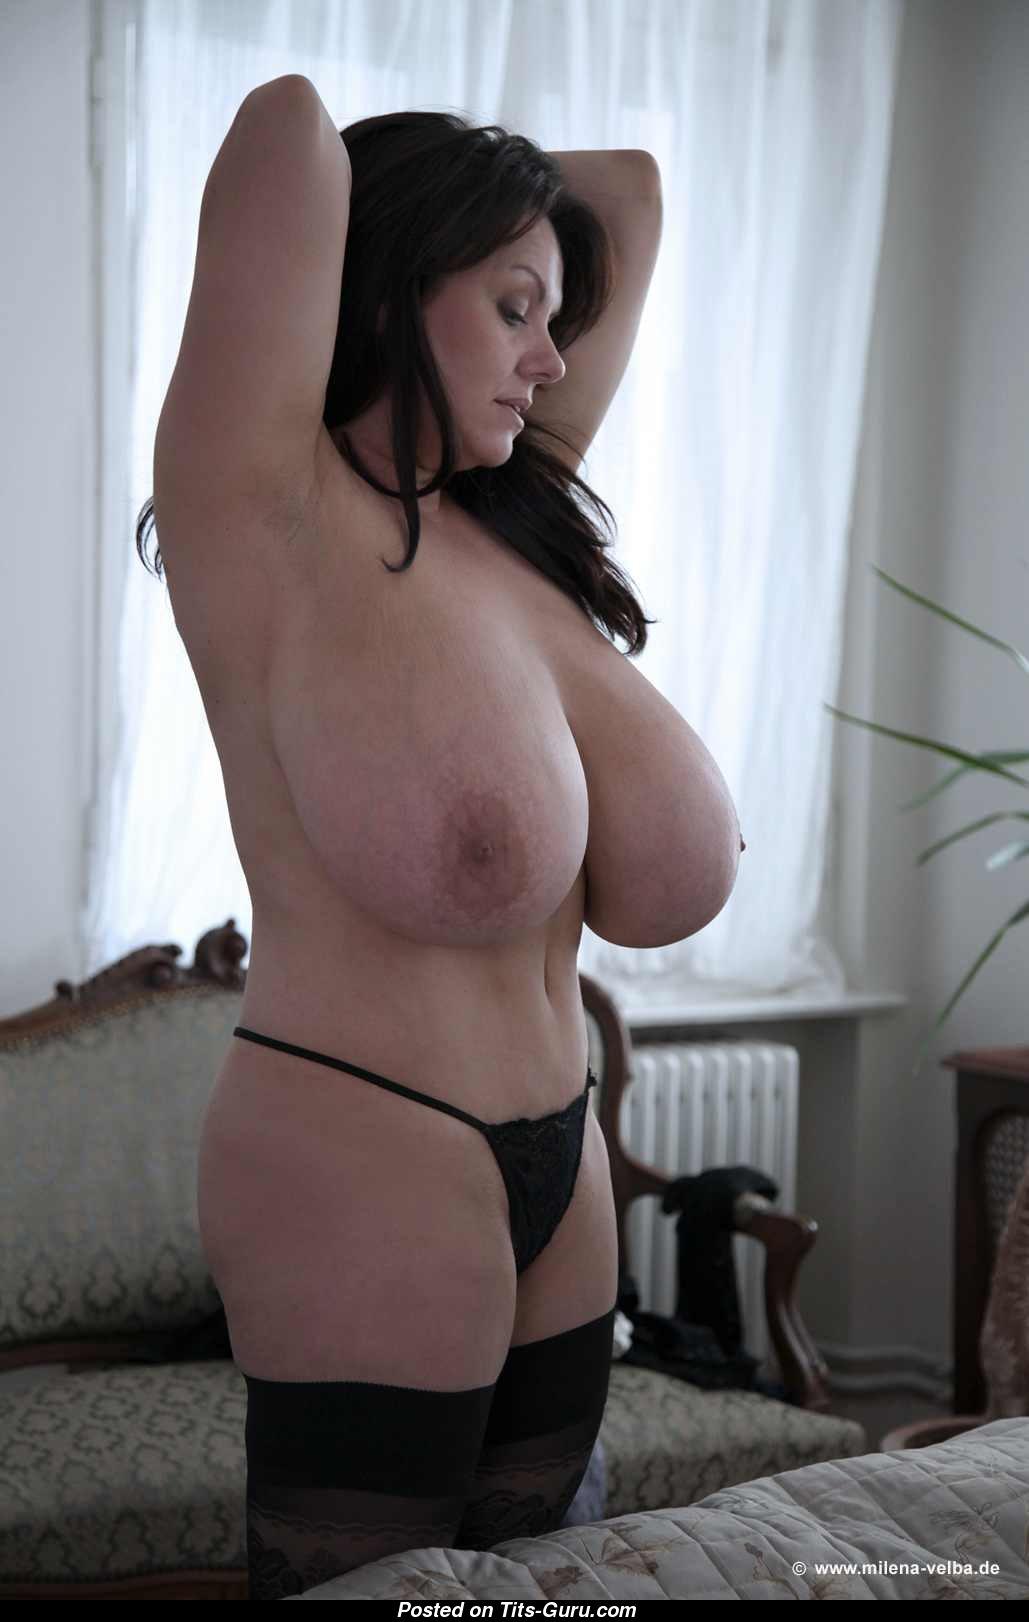 Tits from milena velba